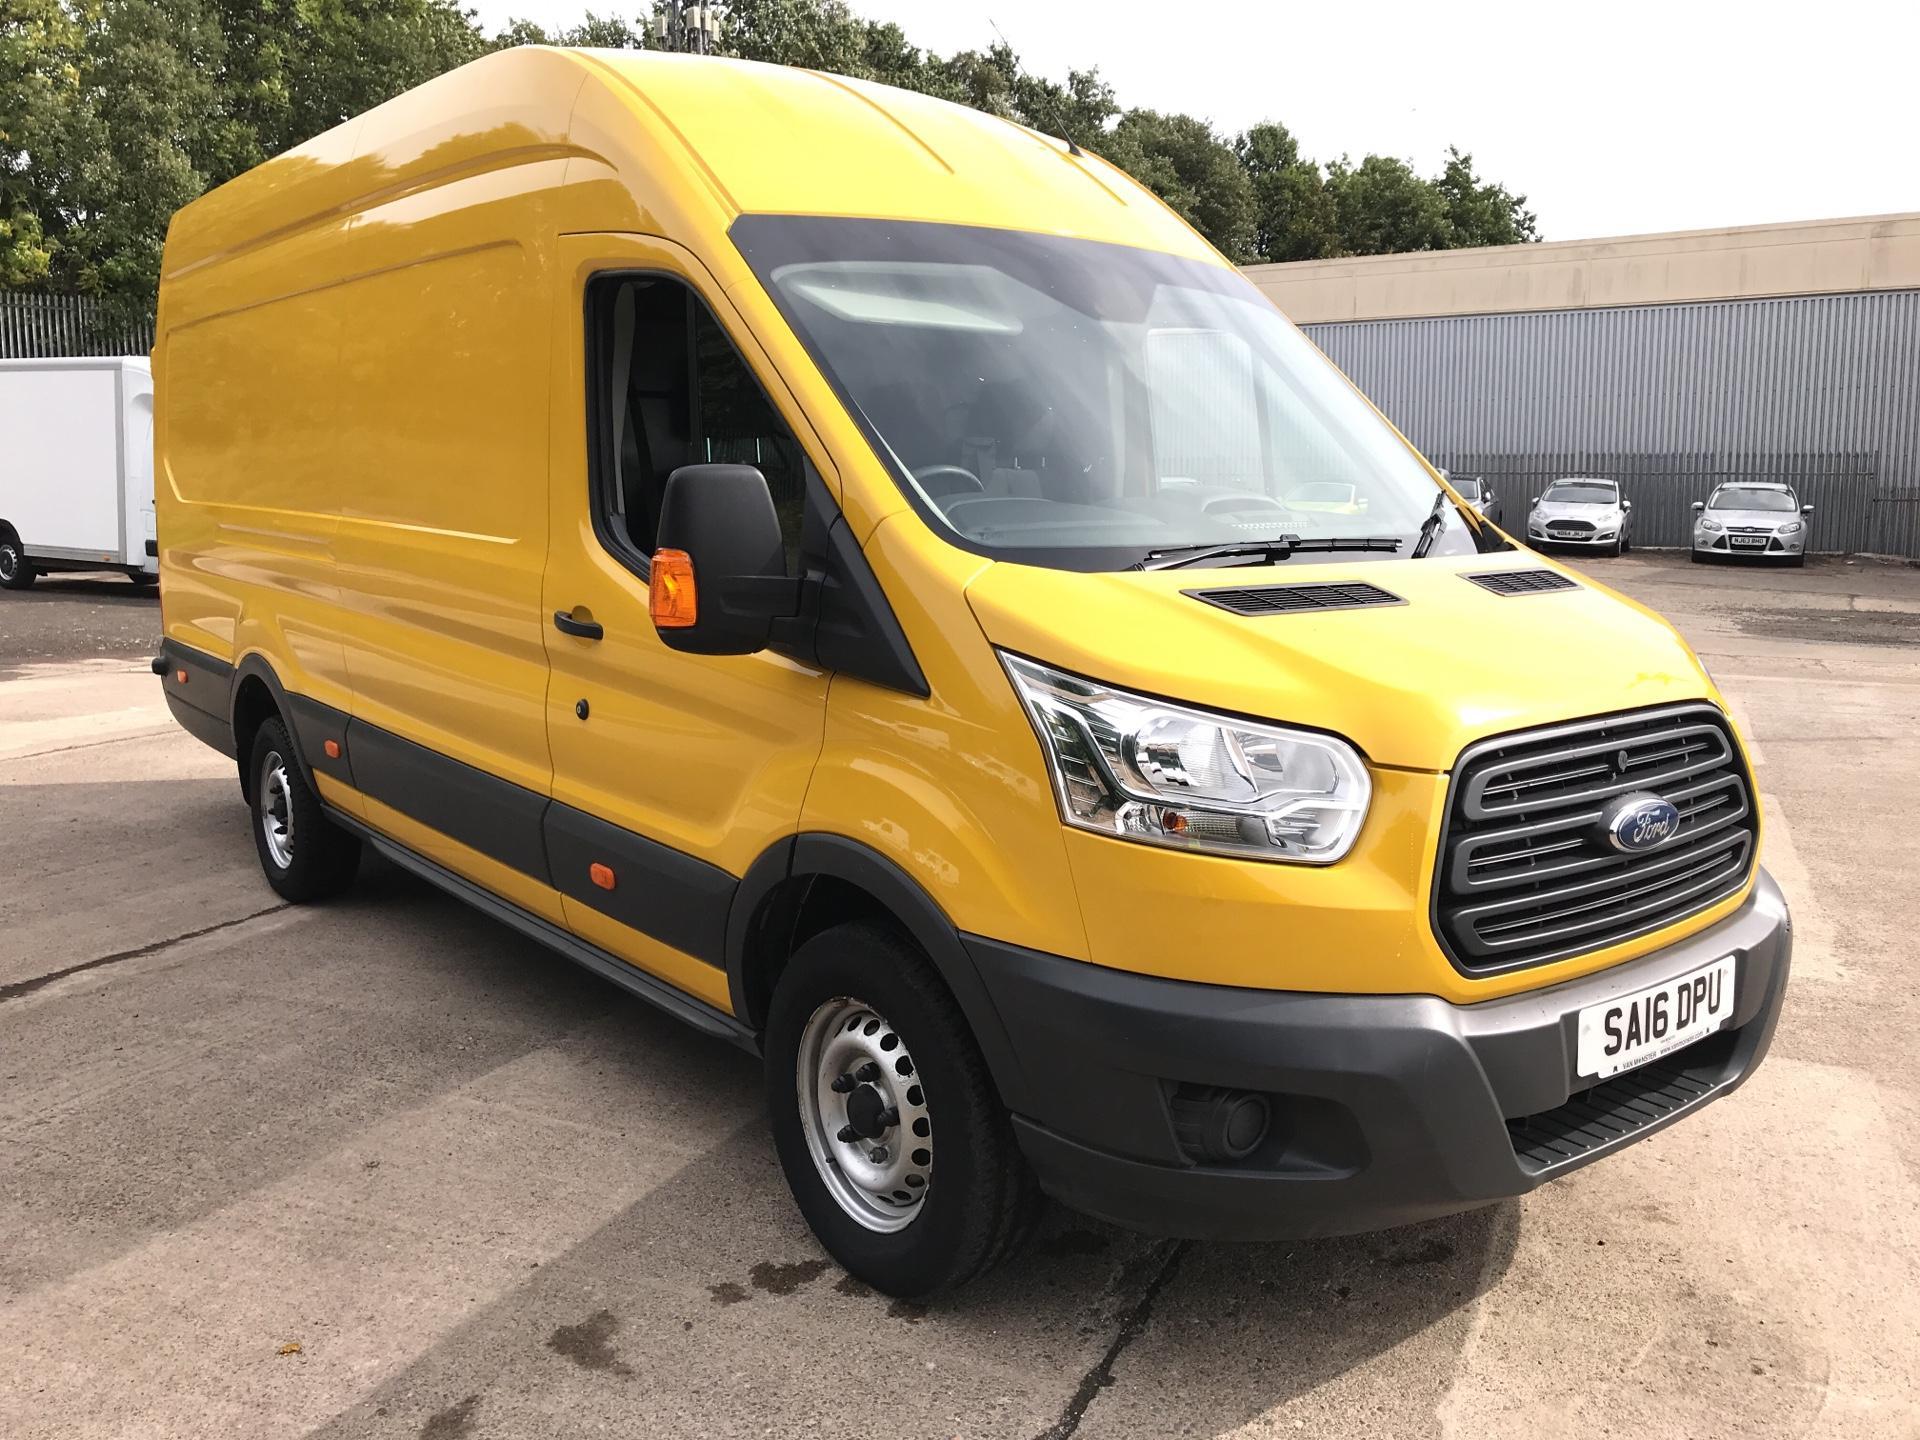 2016 Ford Transit 350 L4 H3 VAN 125PS EURO 5 (SA16DPU)